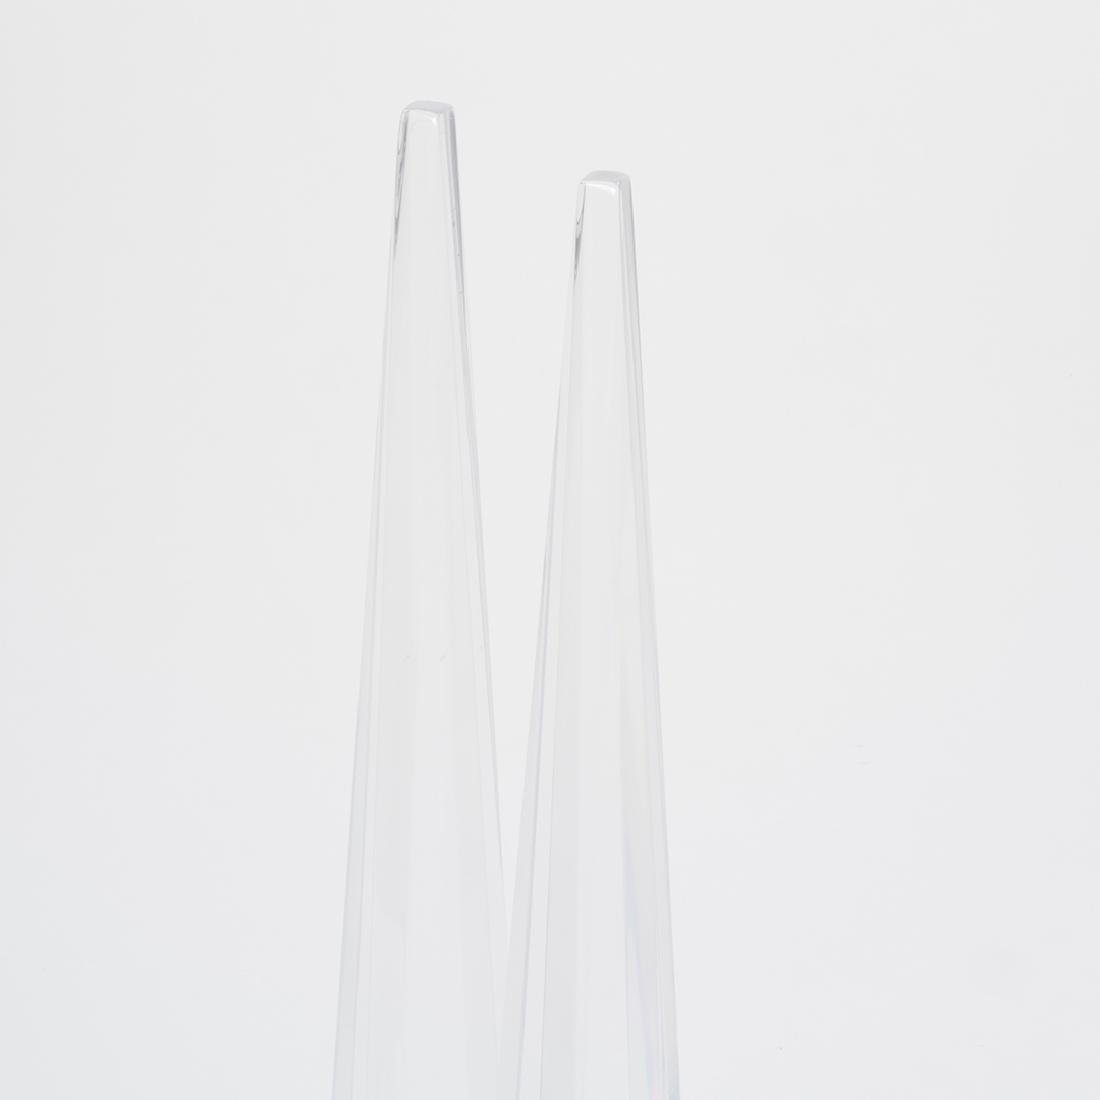 Ritts Astrolite Obelisks (2) - 2